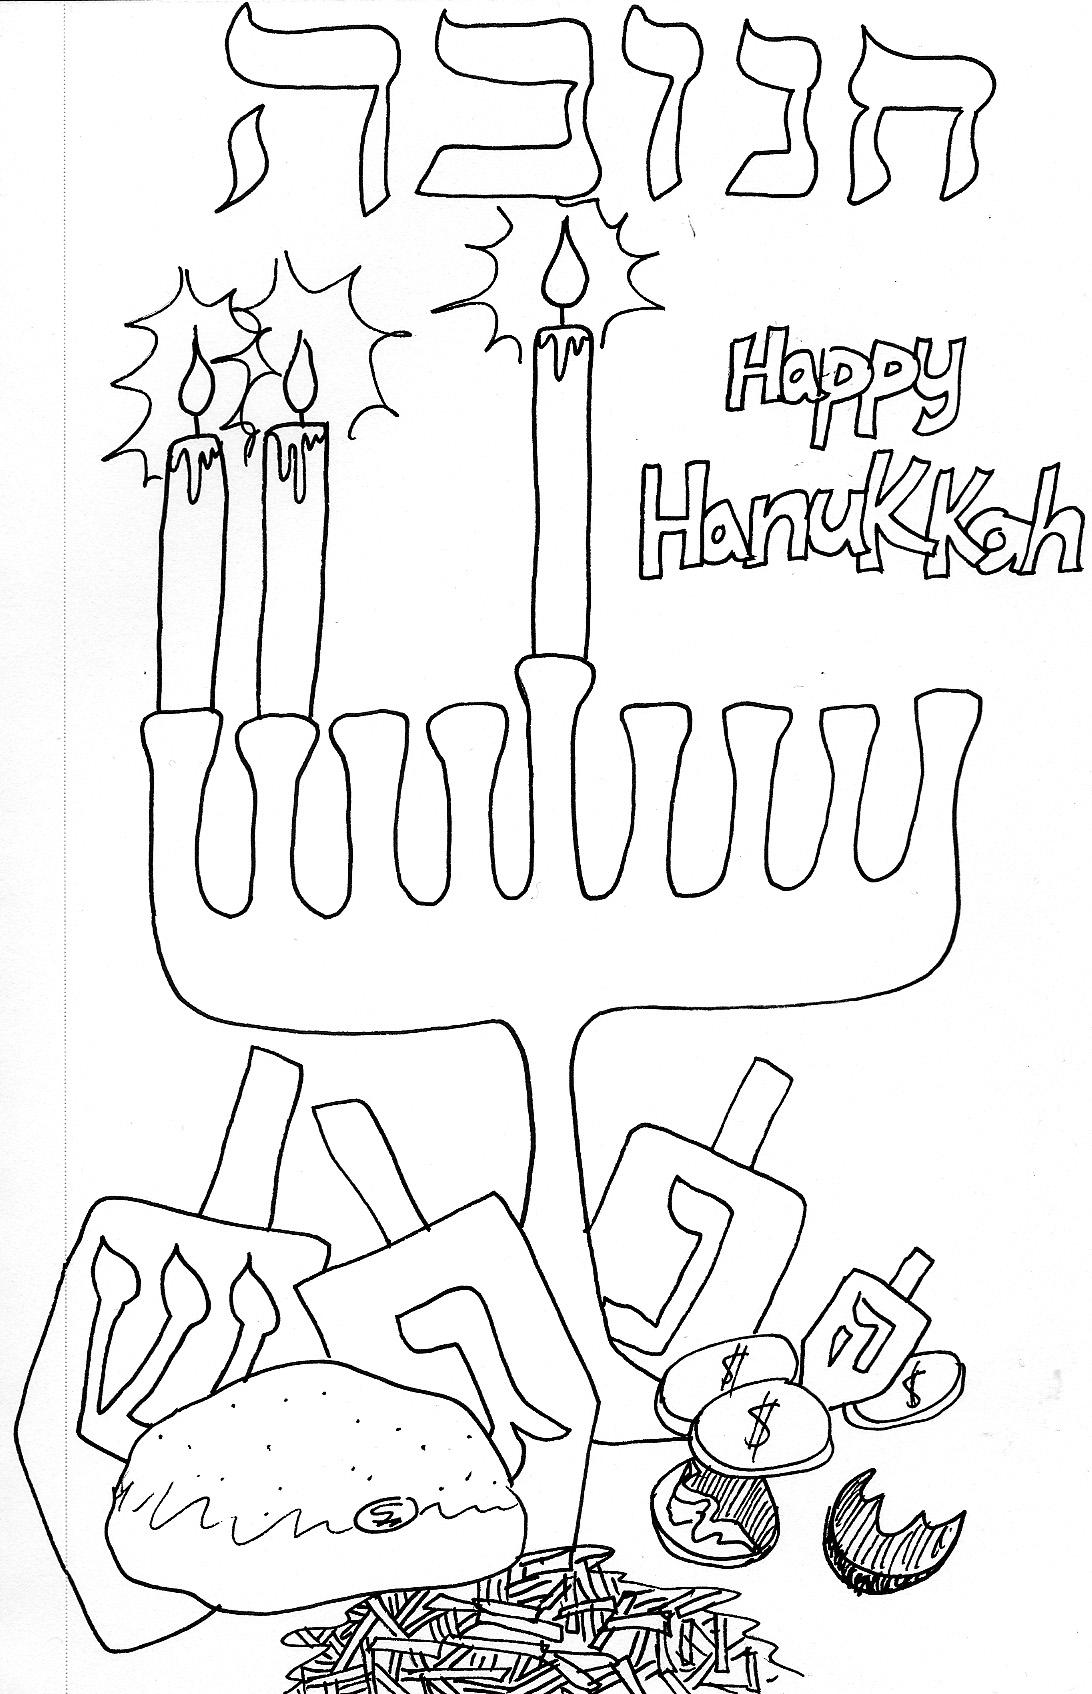 printable images for kids kids page printable scooby doo coloring pages images printable for kids